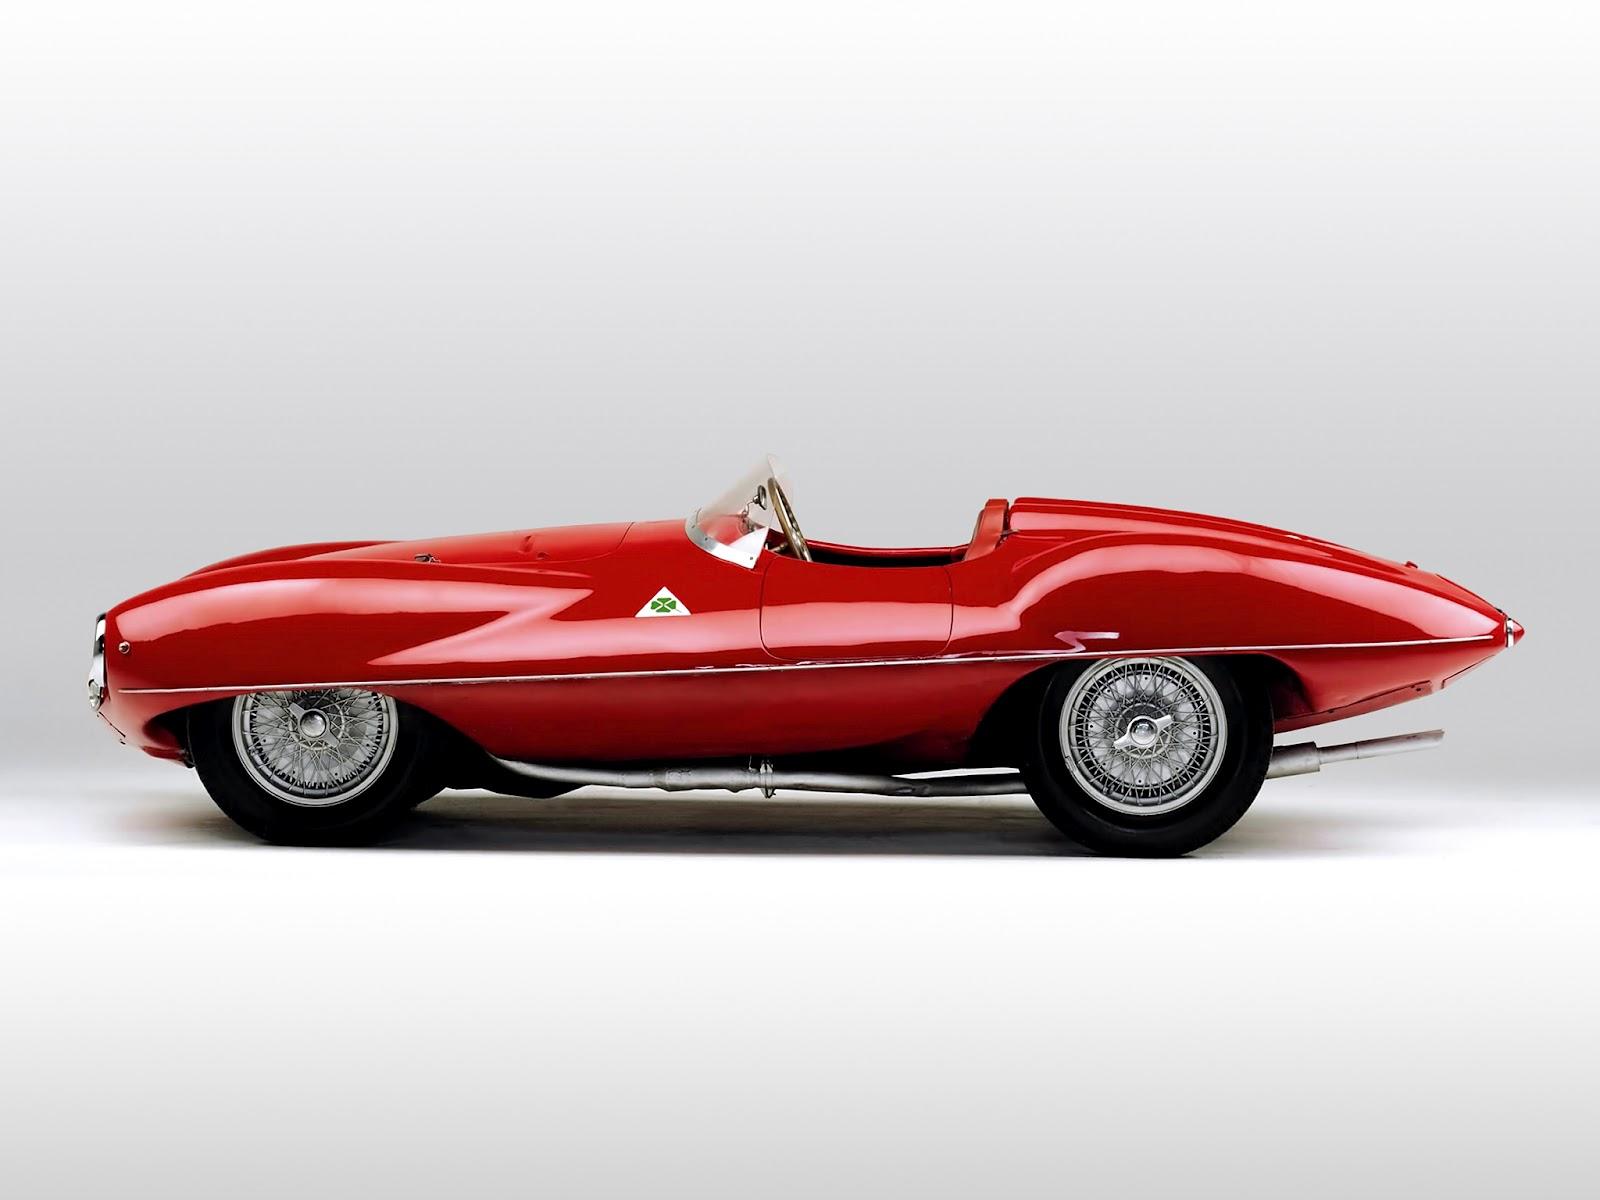 Disco Volante For Sale >> ///KarzNshit///: '52 Alfa Romeo C52 'Disco Volante' Touring spider